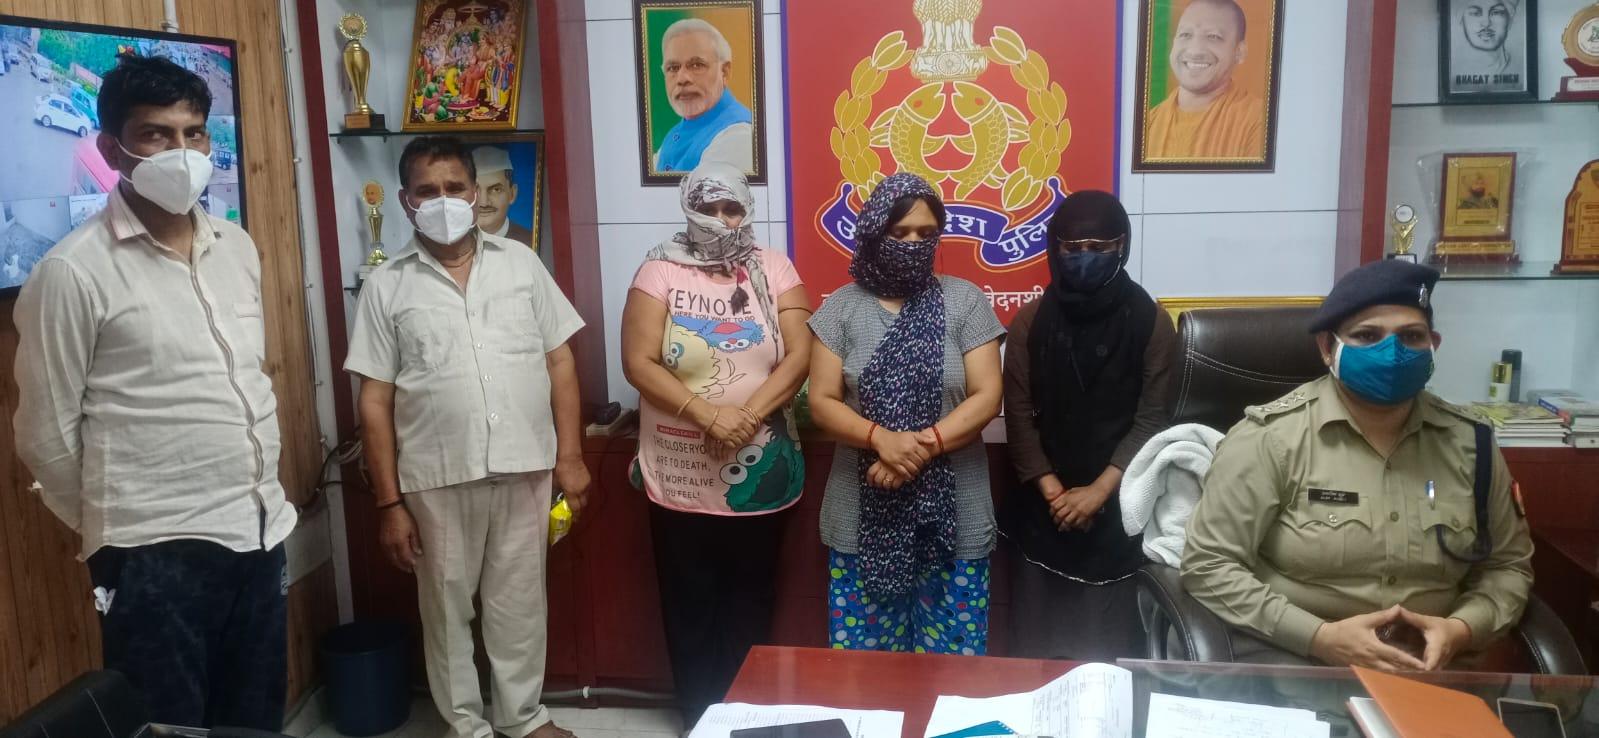 पुलिस ने बरामद किए दो बच्चे, पांच गिरफ्तार; अलीगढ़ में दबोचे गए दुर्योधन गैंग ने कराए थे चोरी|गाजियाबाद,Ghaziabad - Dainik Bhaskar